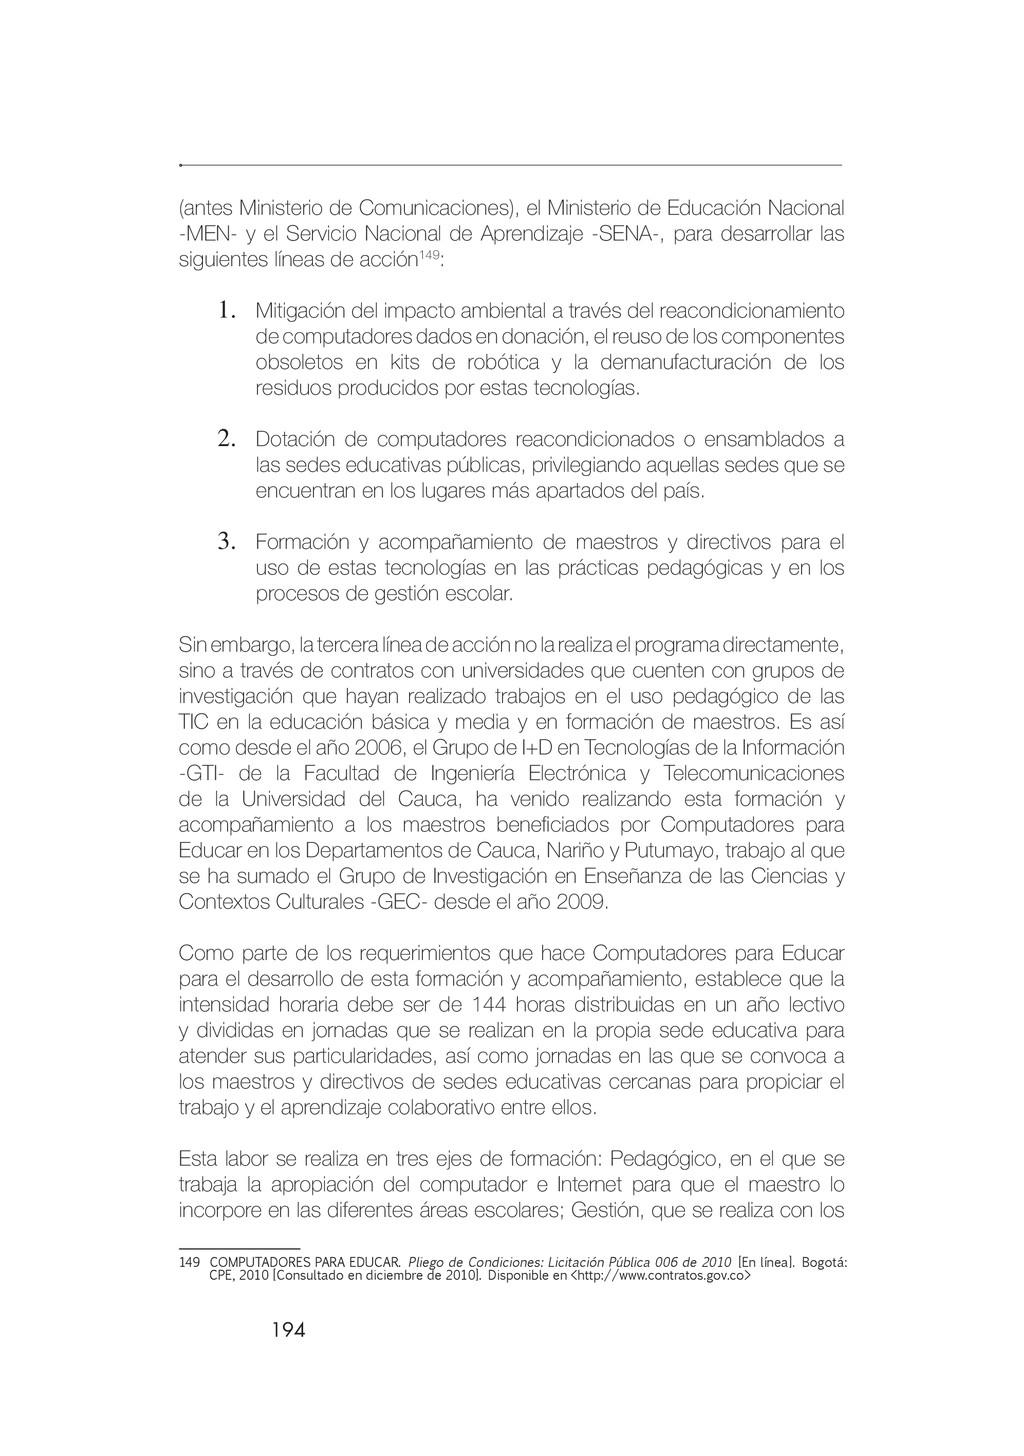 194 (antes Ministerio de Comunicaciones), el Mi...